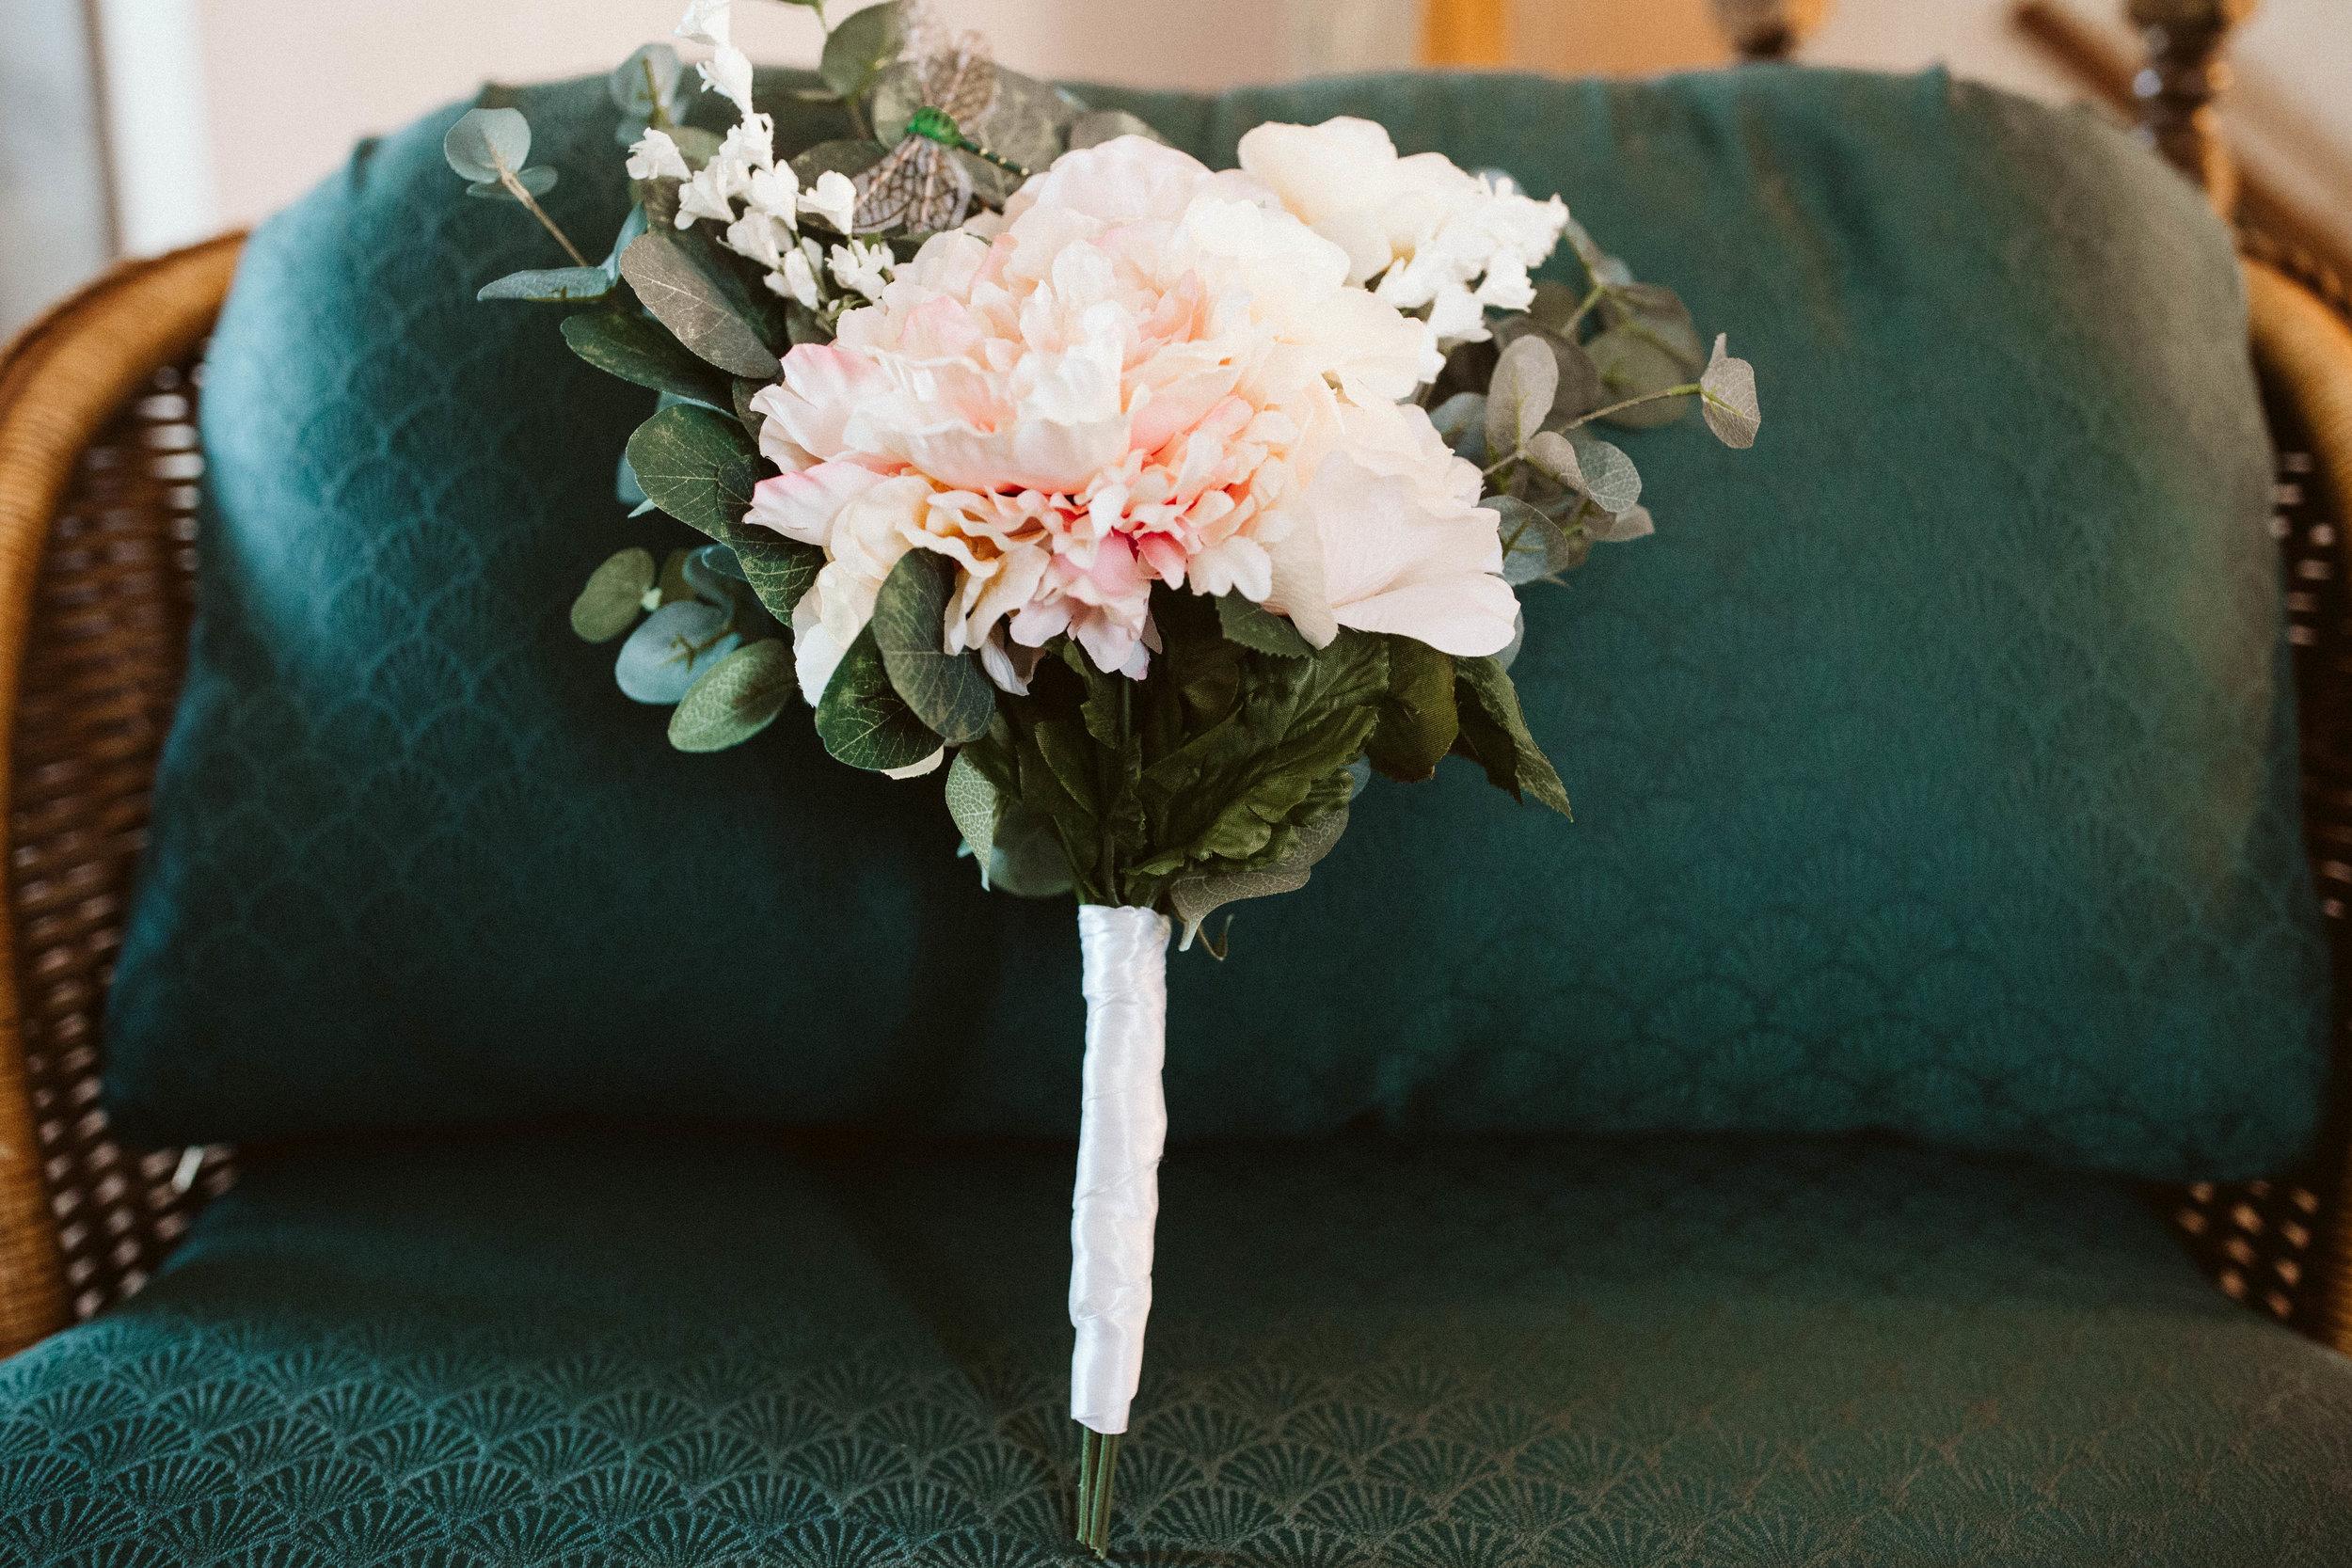 izzy+jacob-weddingsneakpeekblog-1.jpg